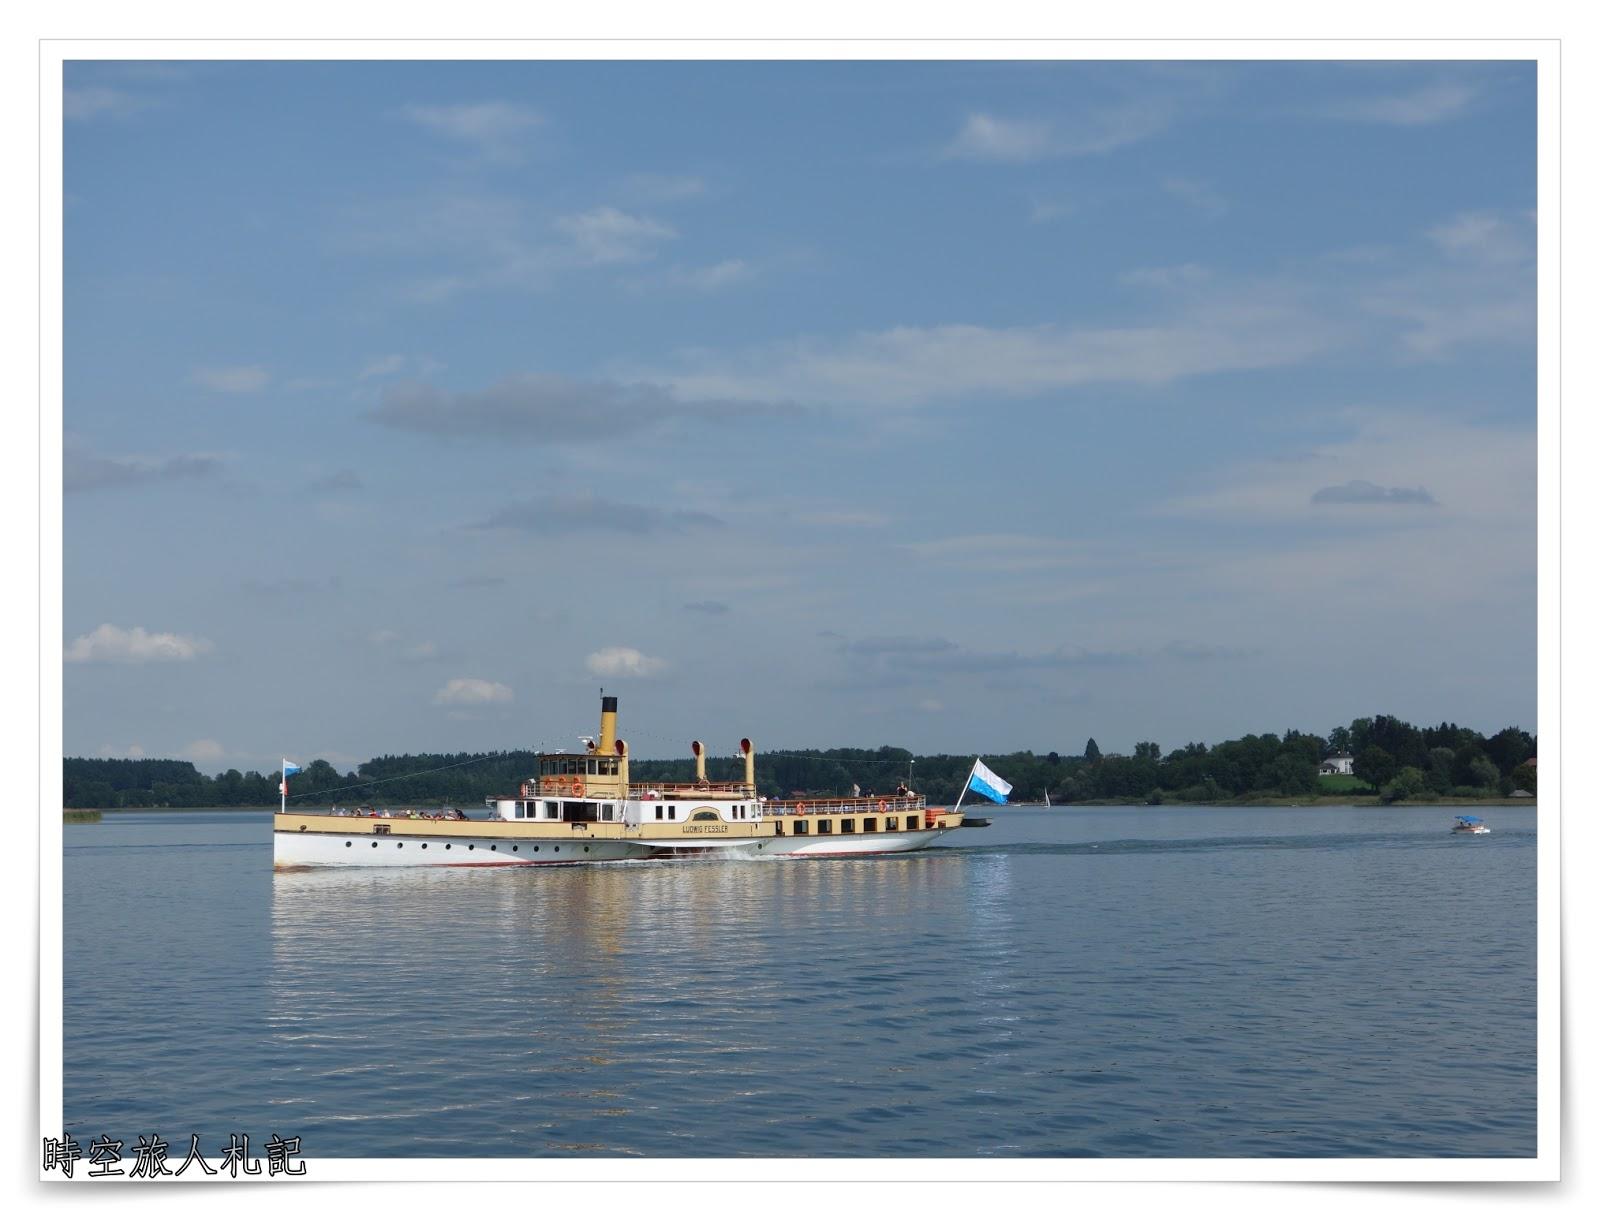 基姆湖Chimesee一日遊: 巴伐利亞最大湖泊